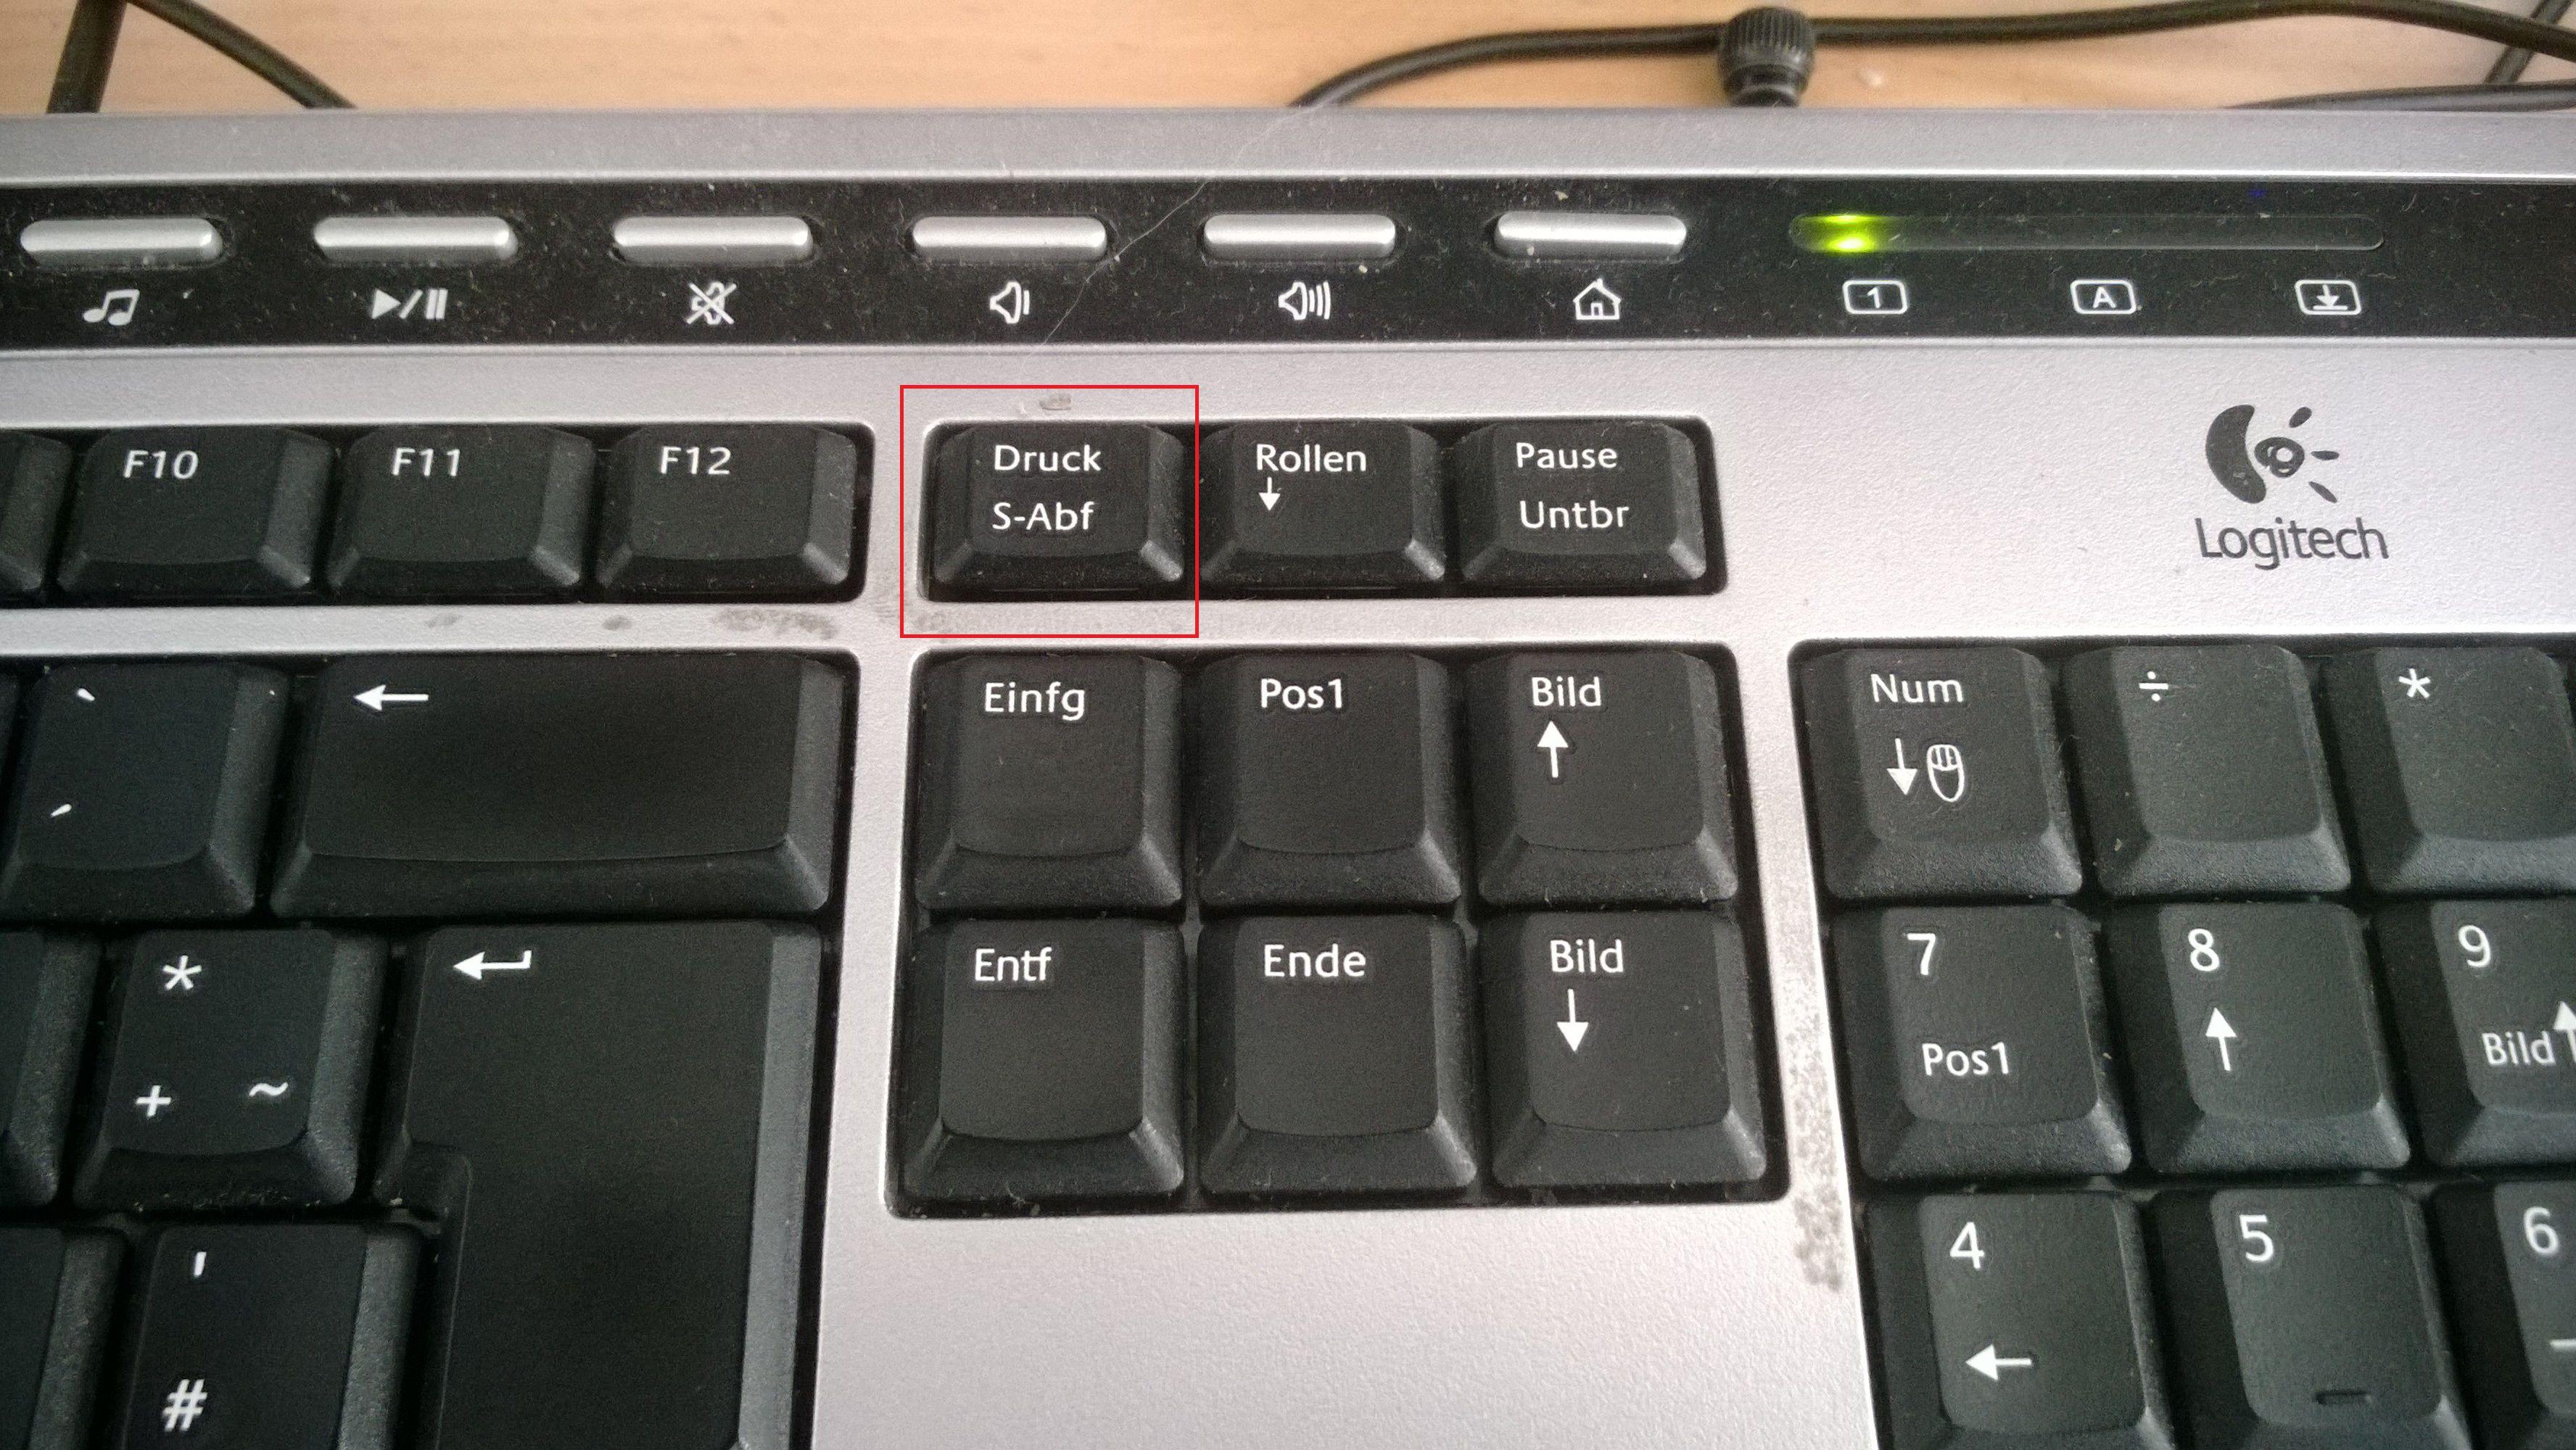 Die_Druck-Taste_bei_einer_Tastatur-470.jpg?nocache=1377259801199